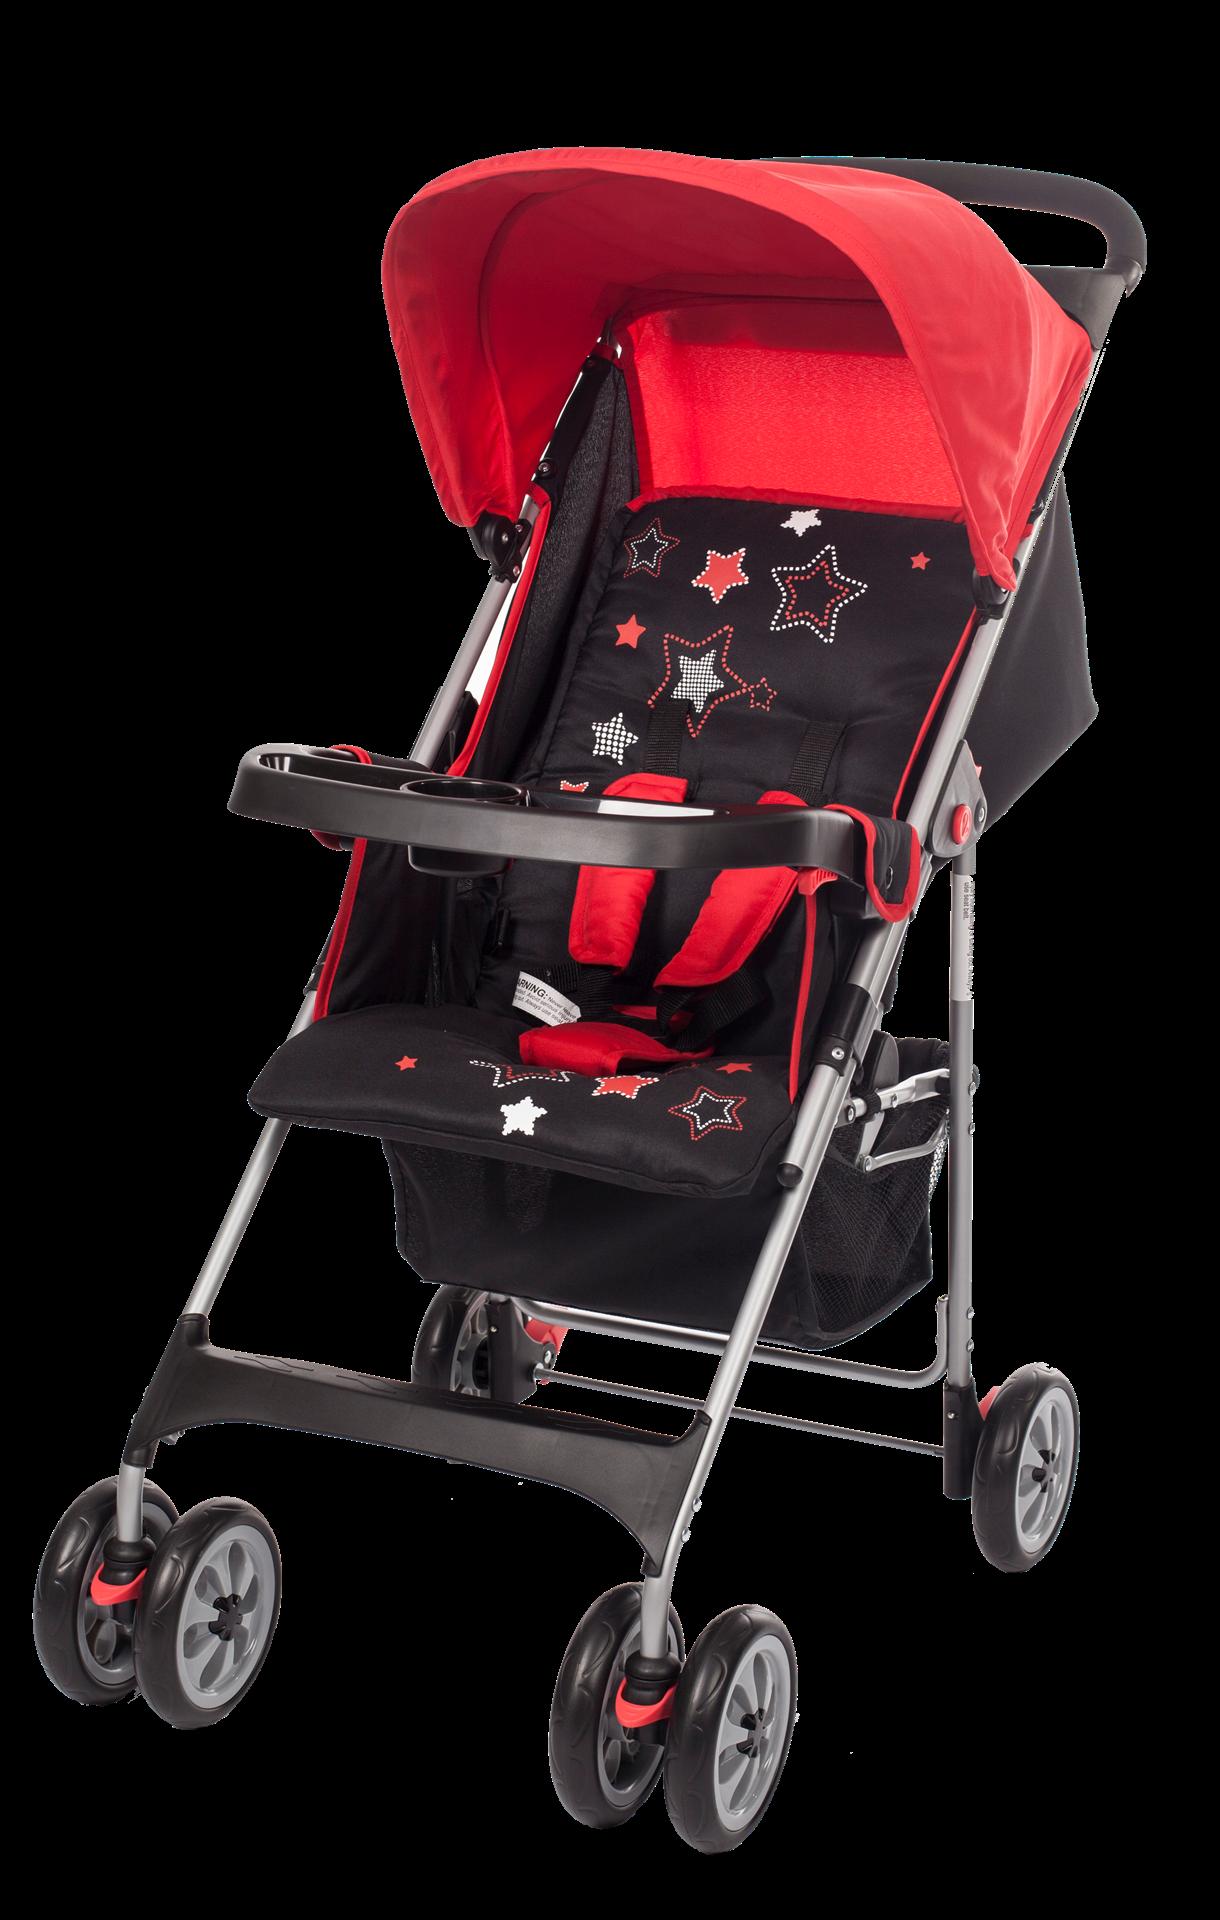 ositos y c a coche para bebe marte rojo. Black Bedroom Furniture Sets. Home Design Ideas